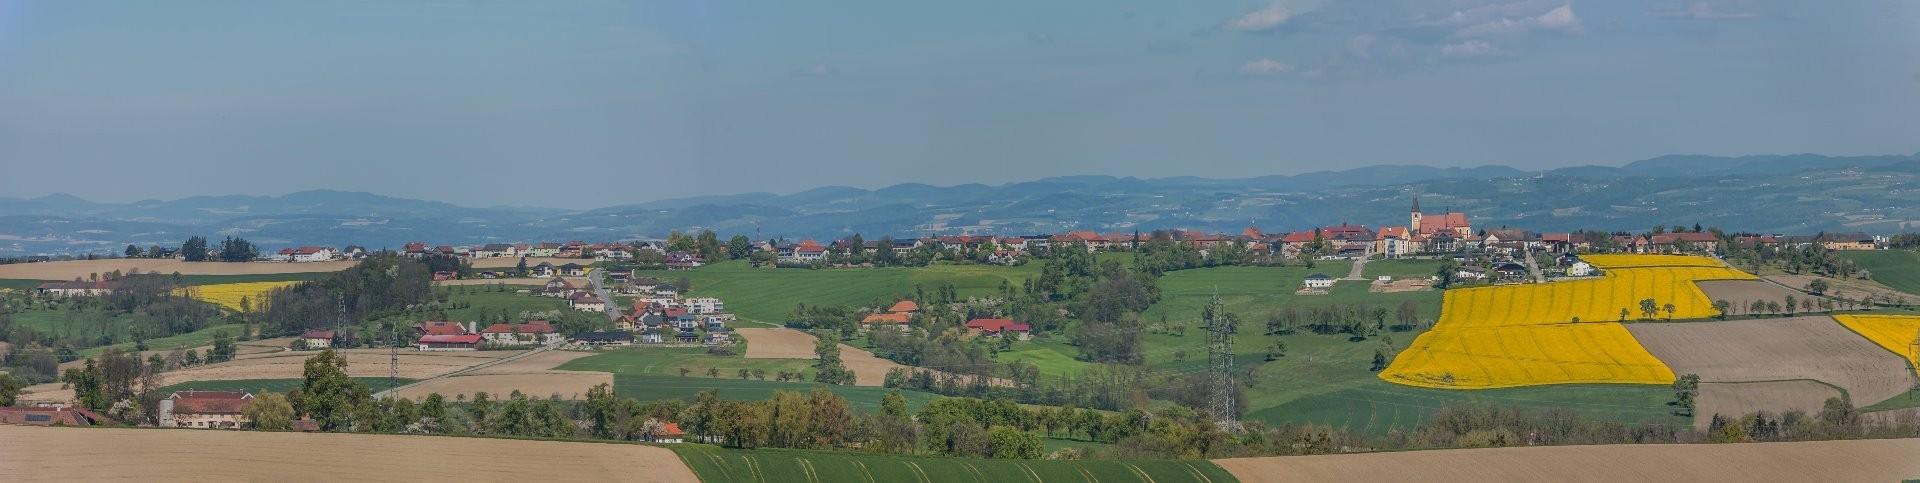 Strengberg Panorama 2.jpg